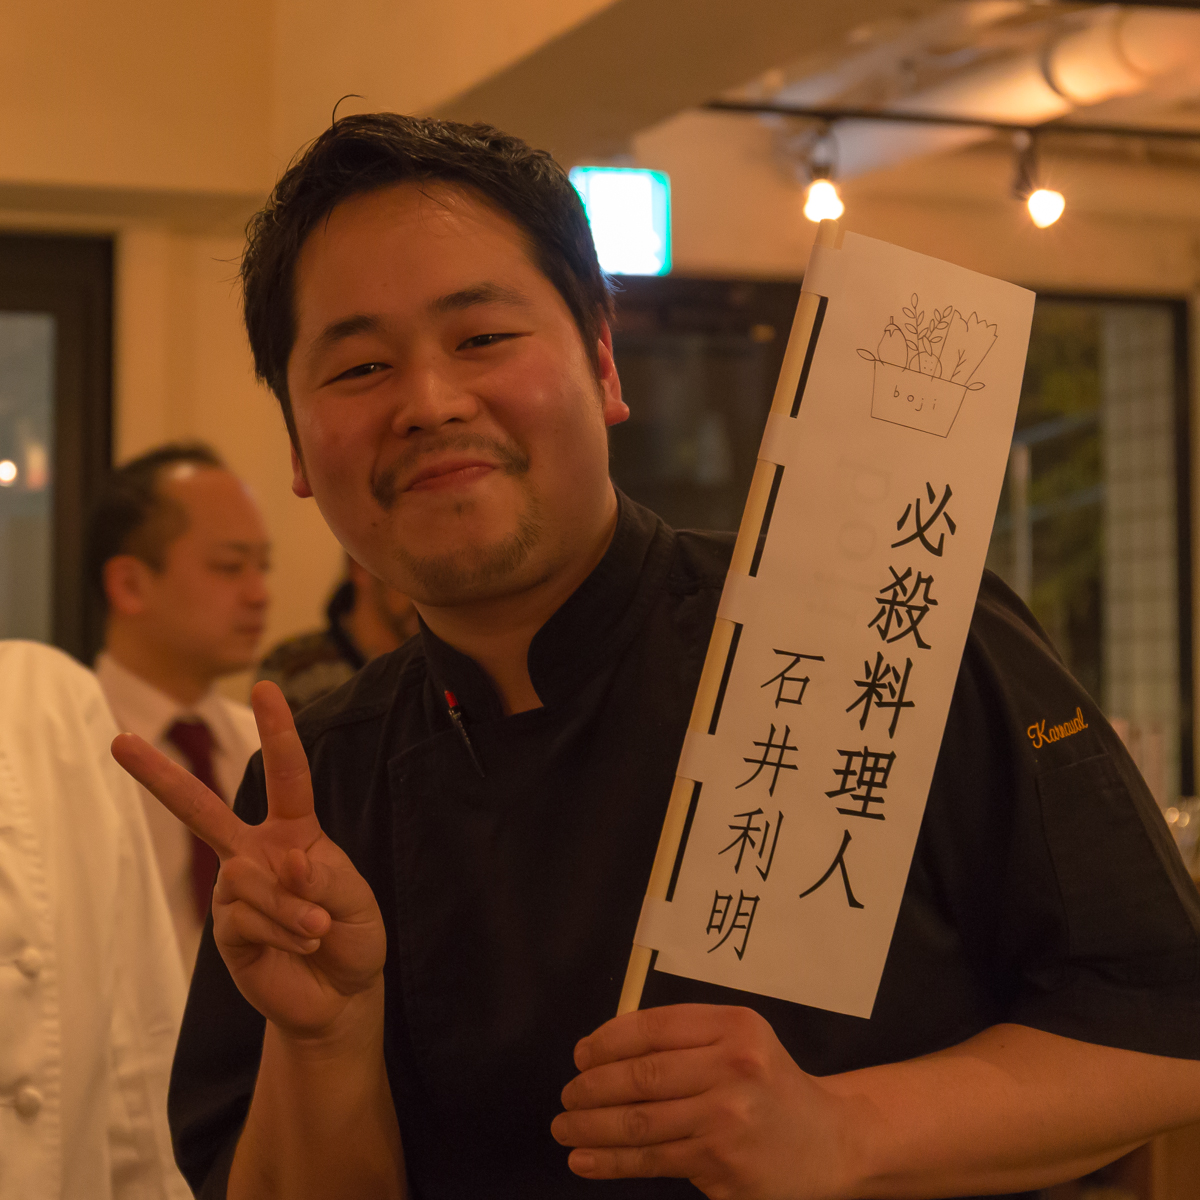 boji_ワイン川中島の合戦(14)